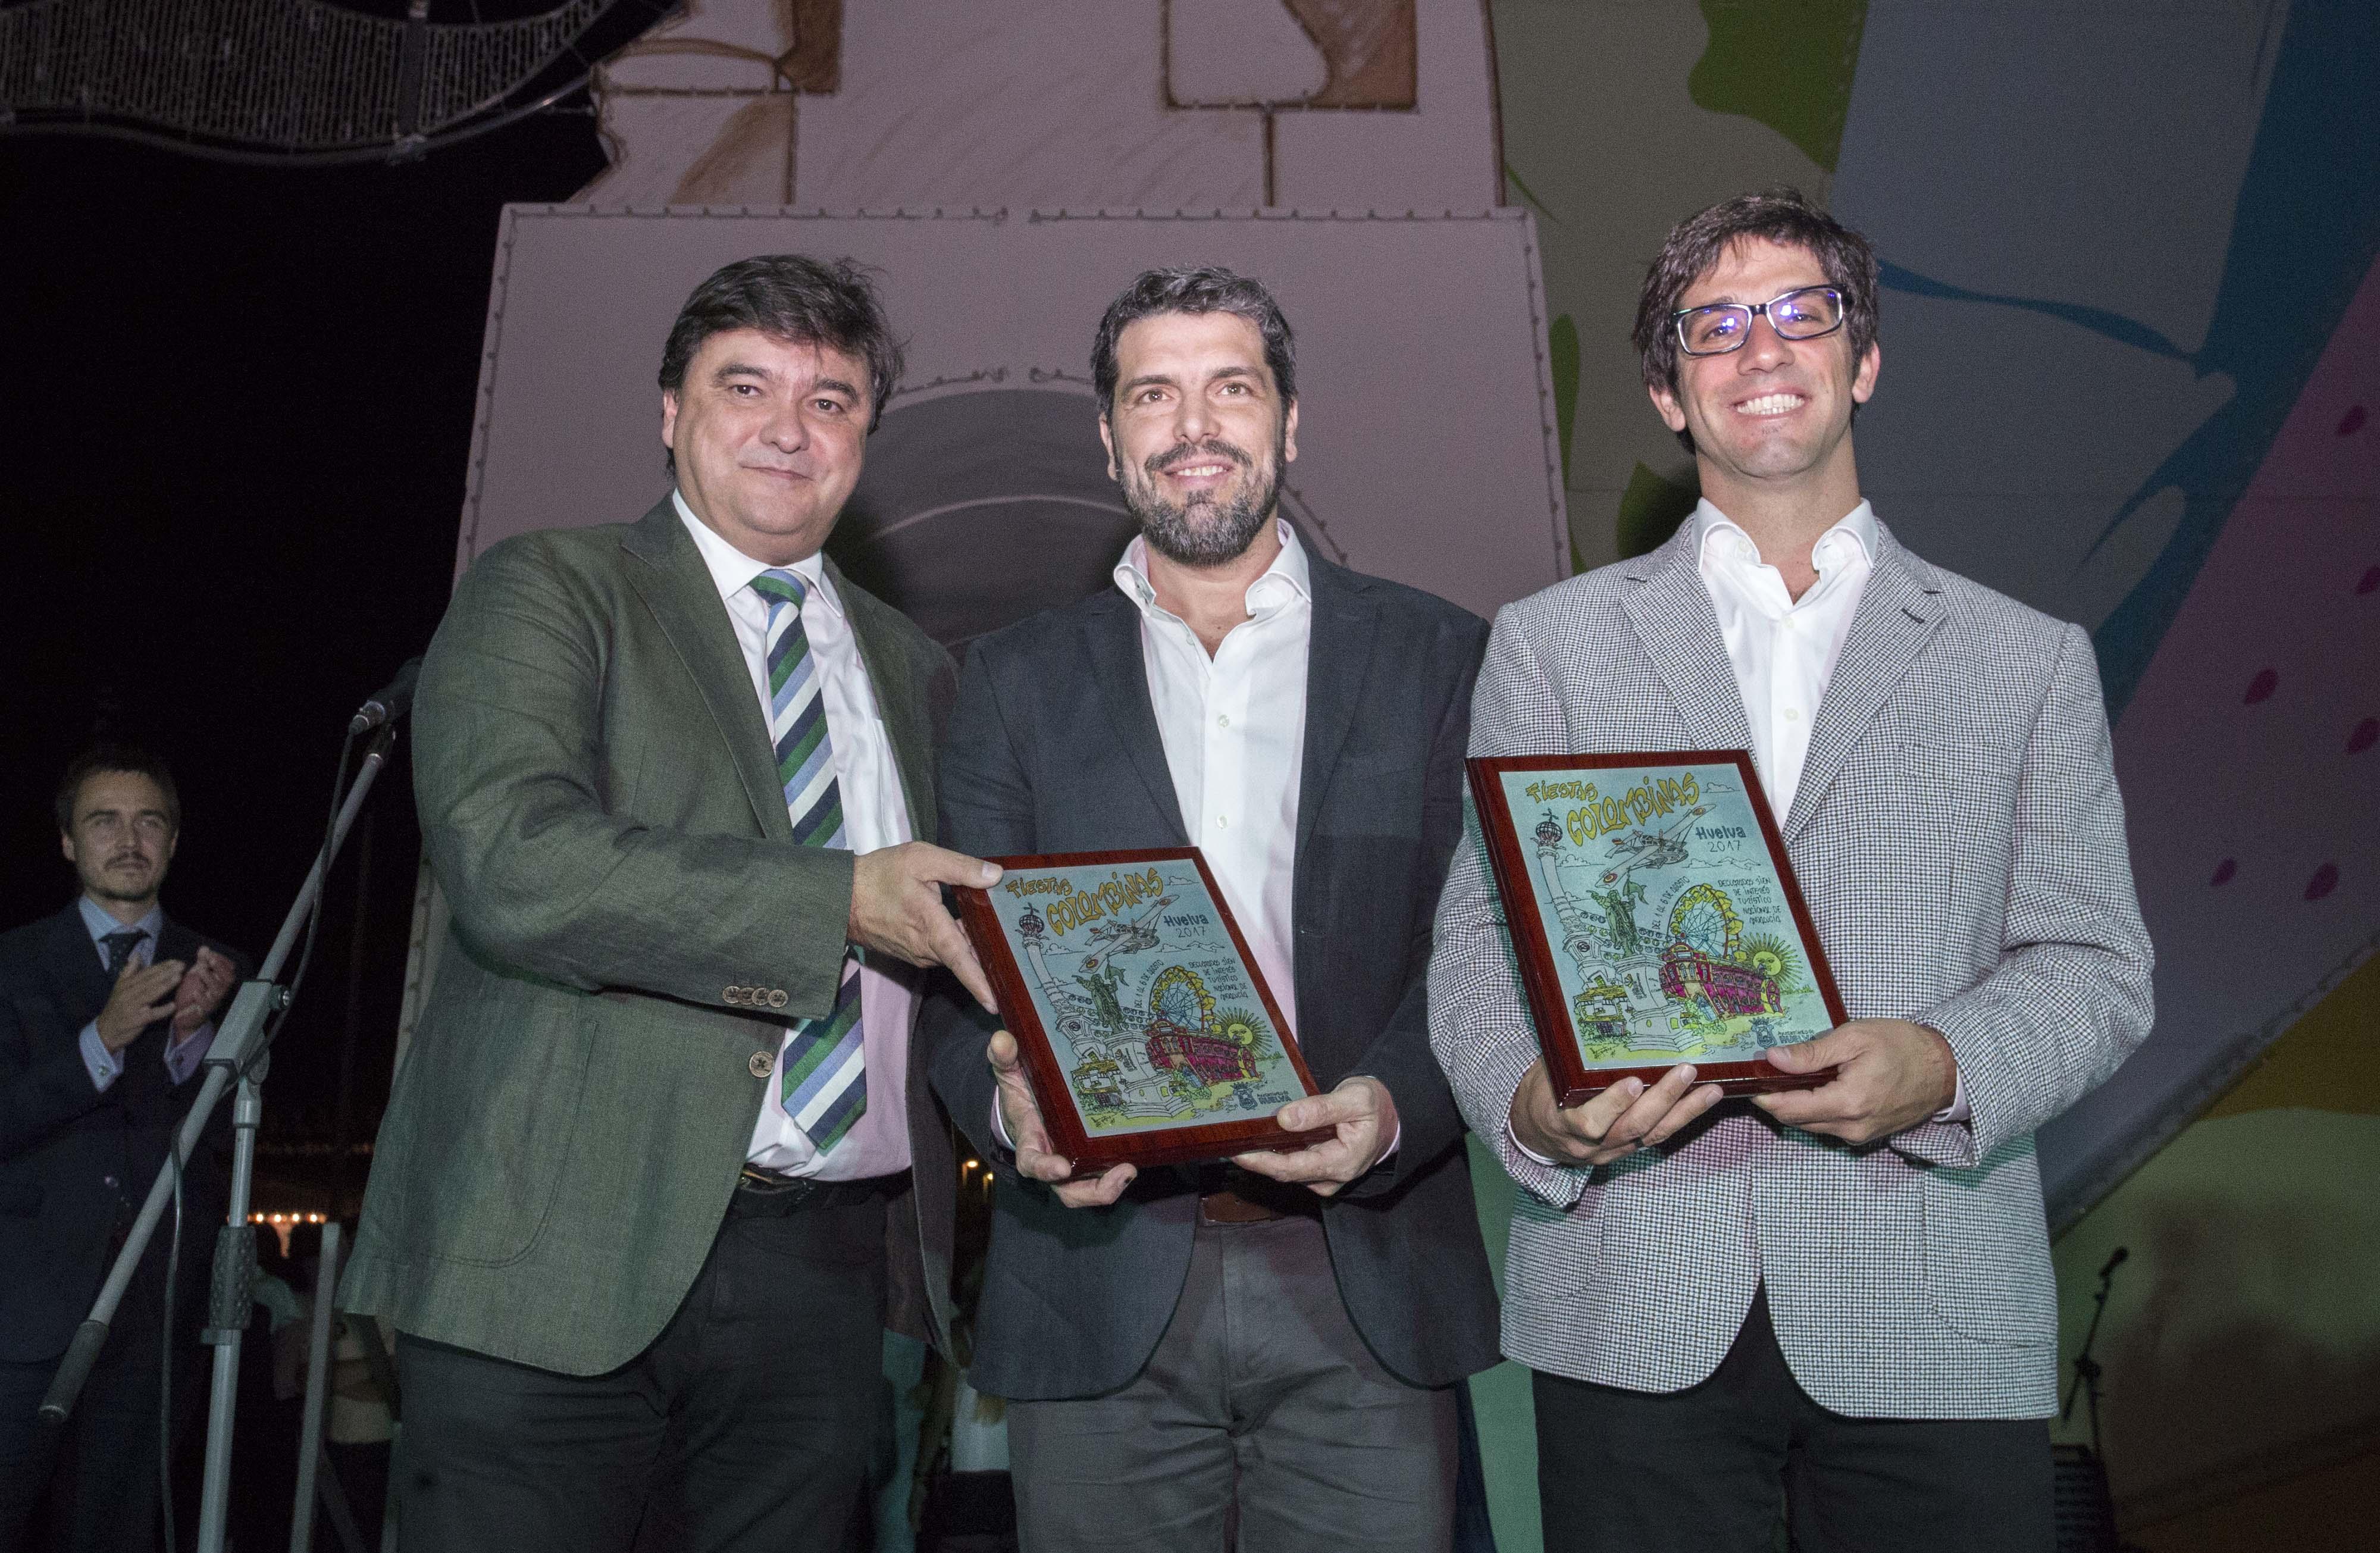 El alcalde, Gabriel Cruz, junto a representantes del Gobierno de Buenos Aires, ciudad a la que se dedica las fiestas